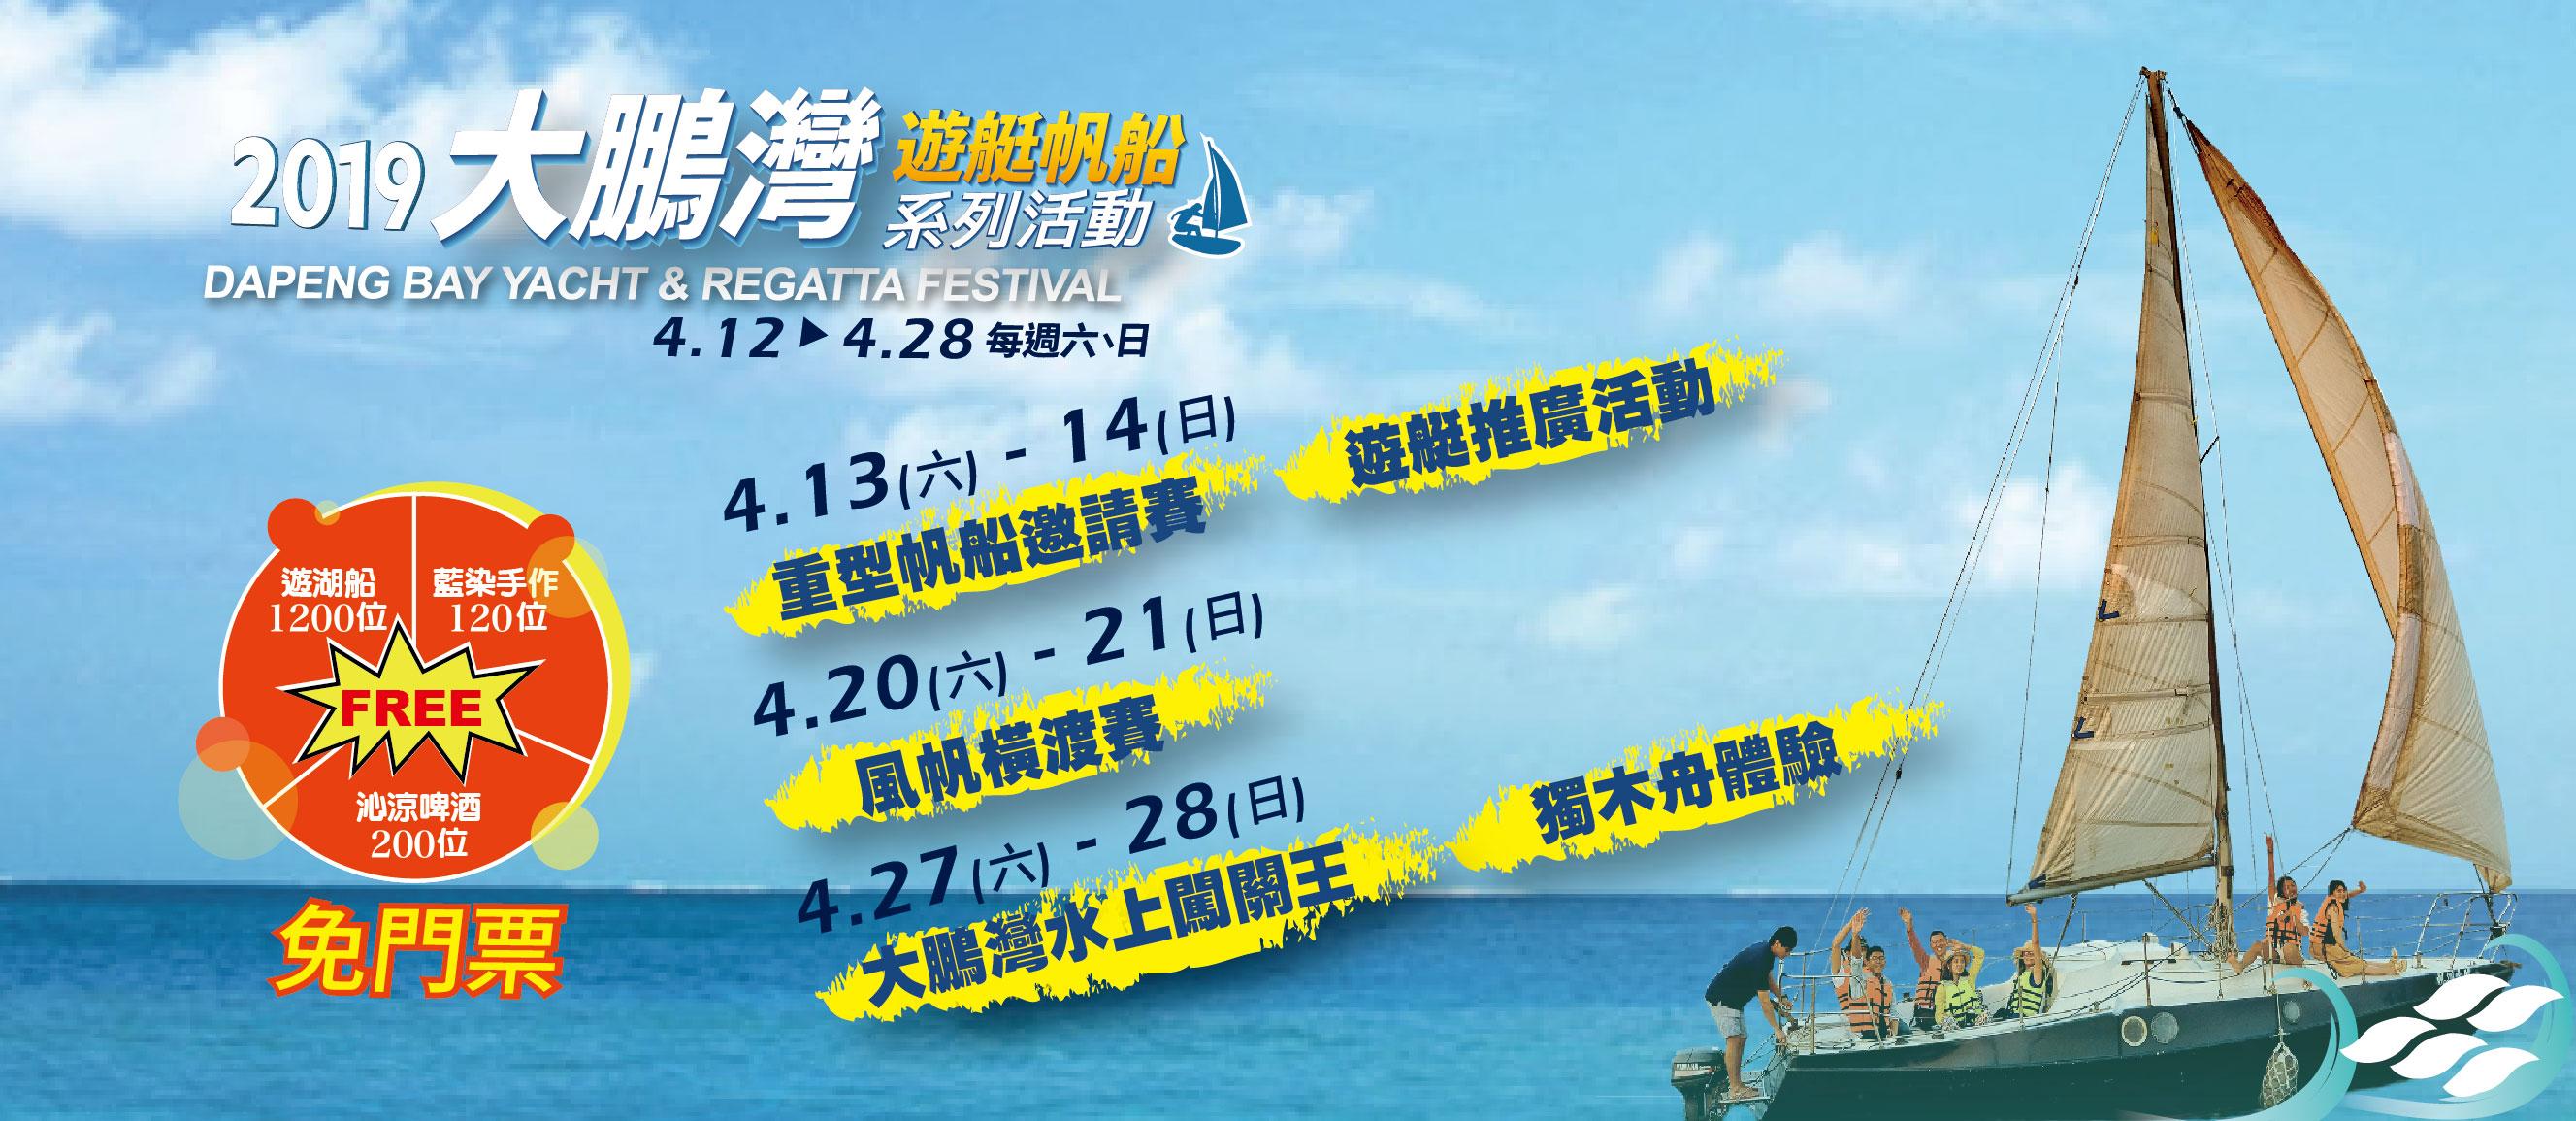 2019大鵬灣遊艇帆船系列活動